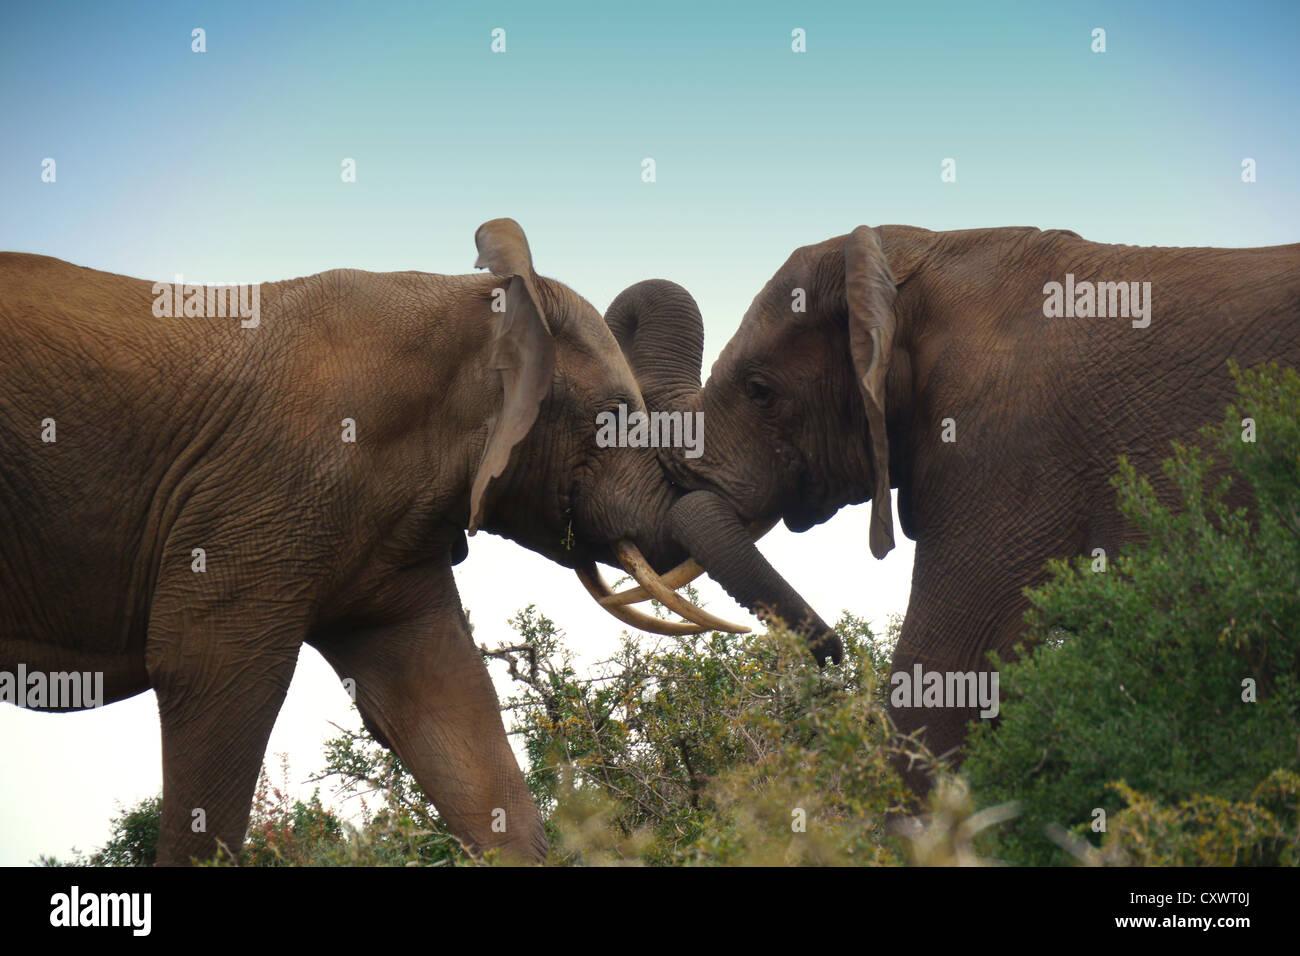 zwei Jugendliche Elefanten sperren Stoßzähne Stockbild